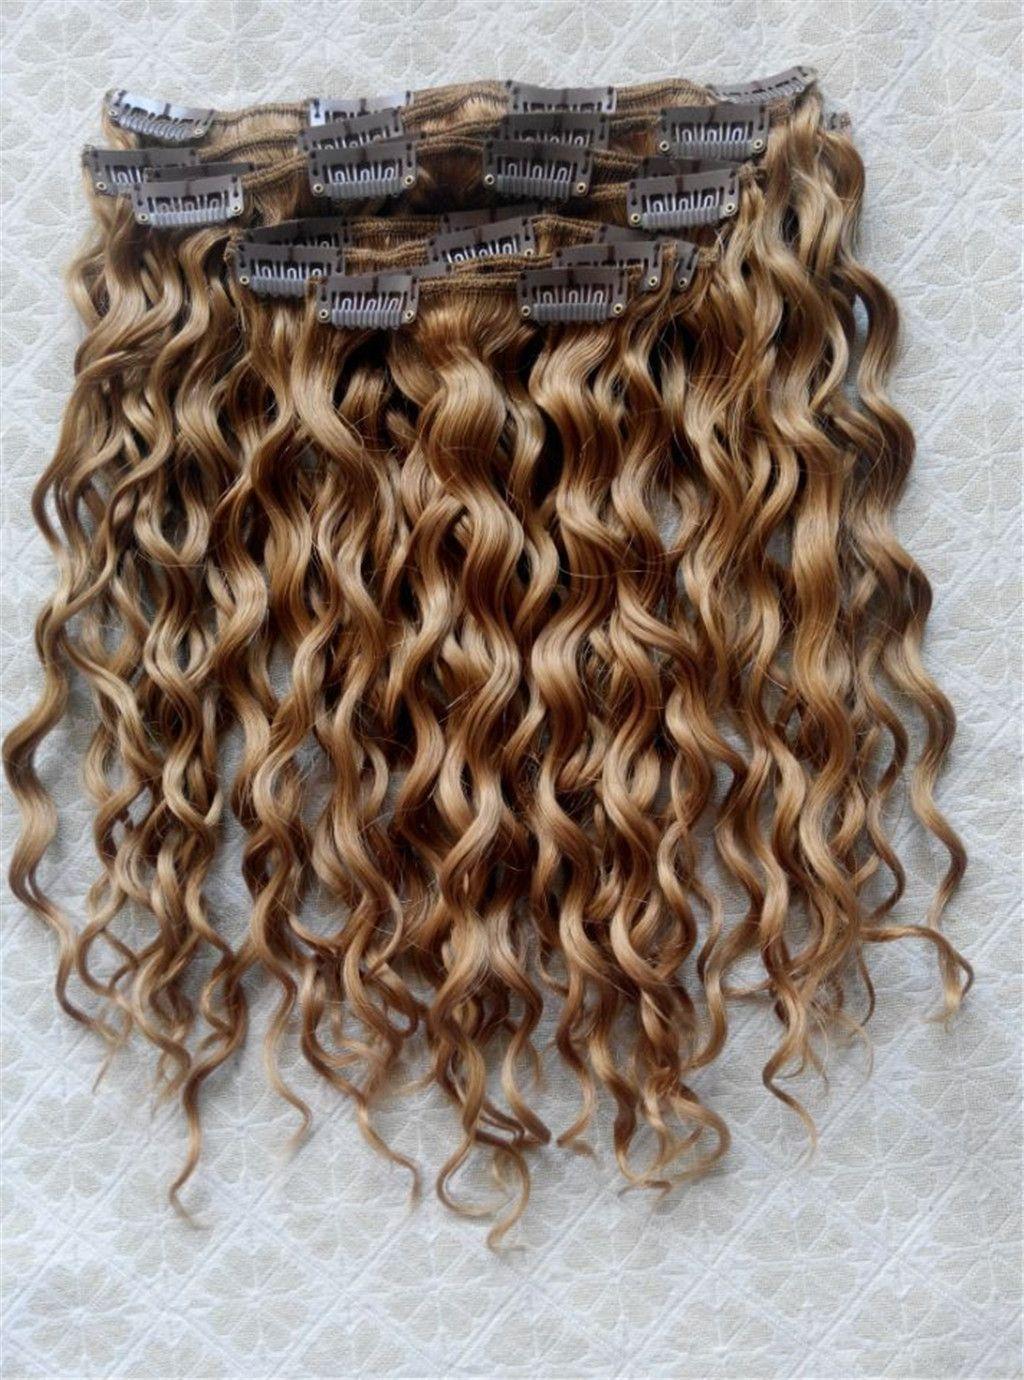 인간의 머리 확장에서 새 스타일 브라질 버진 곱슬 머리 씨실 클립 270 # 색상 9PCS를 금발 / 세트